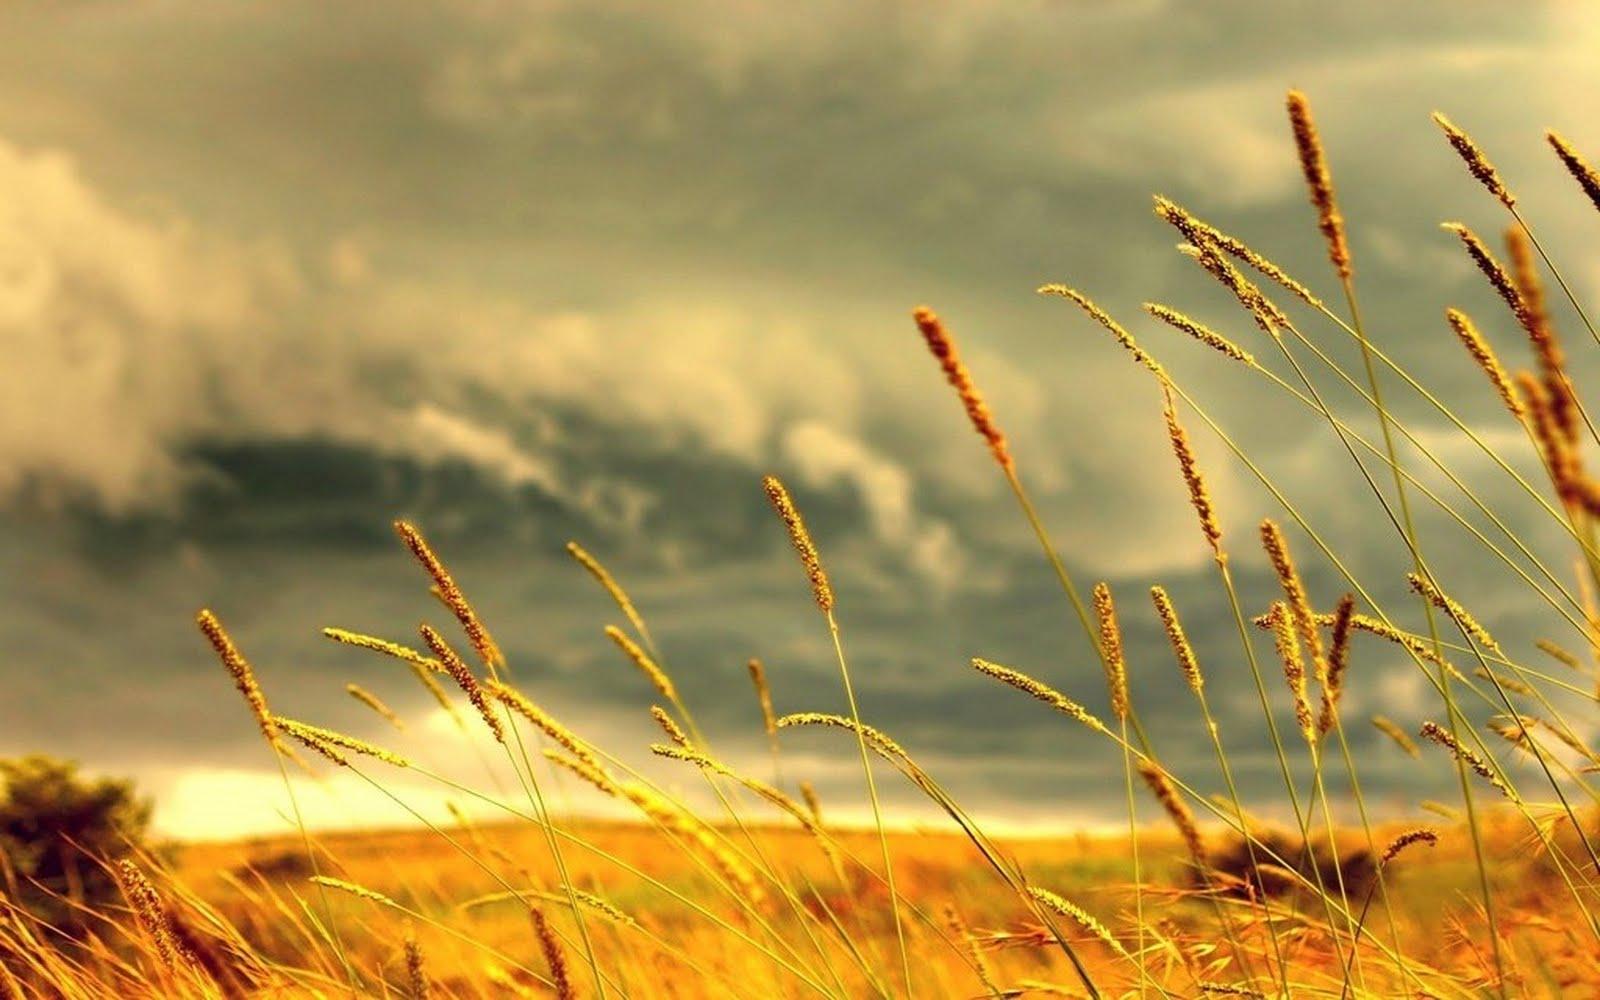 http://2.bp.blogspot.com/-EEAA8xuLr6s/Tle_UNGN03I/AAAAAAAAGo4/Egab7-sXZ5U/s1600/Nature+Widescreen+HD+Wallpaper+1680+X+1050+36.jpg